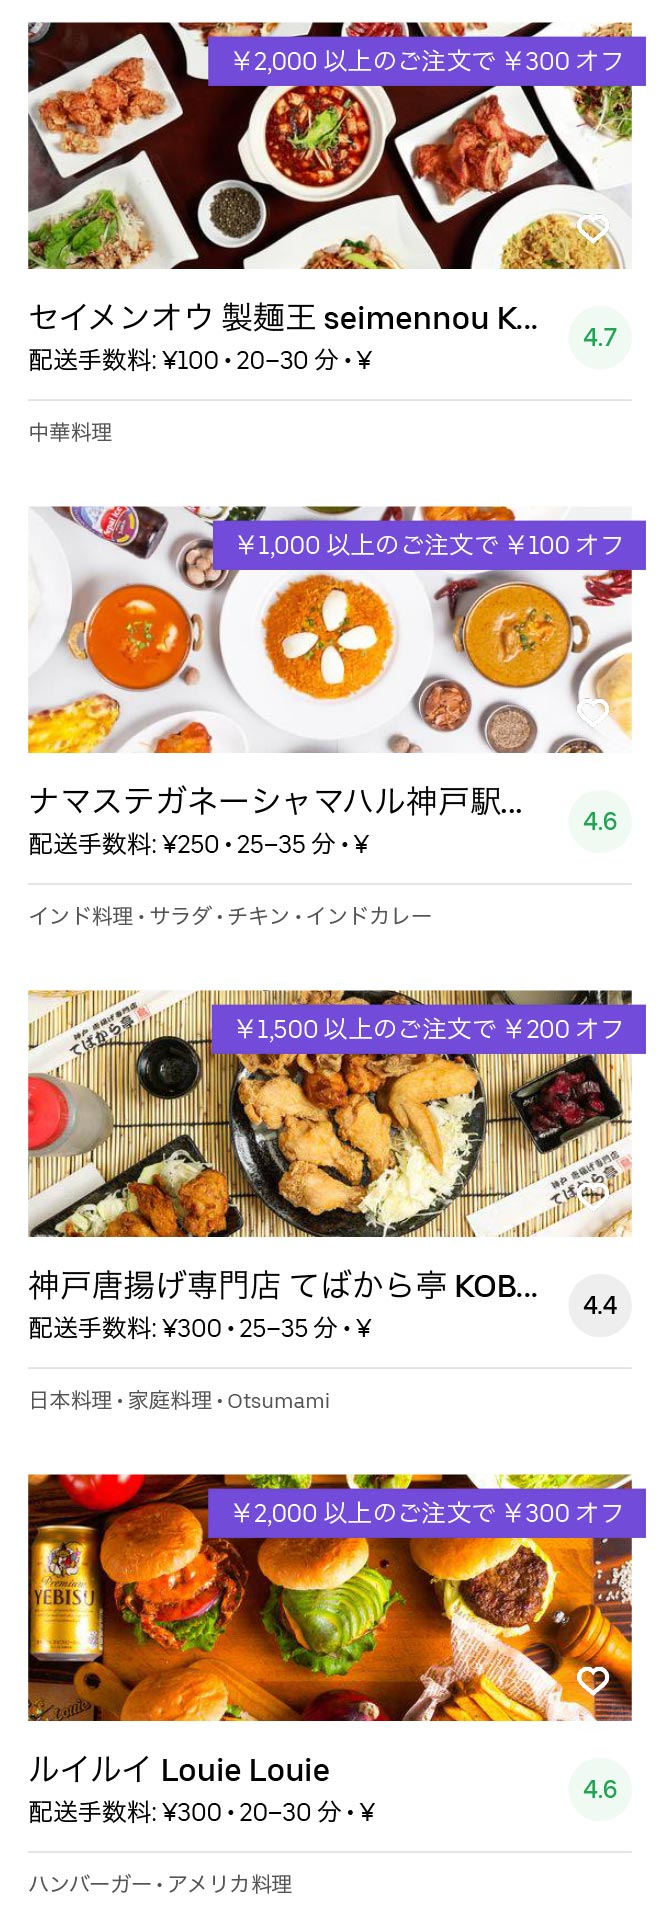 Kobe shin nagata menu 2005 10